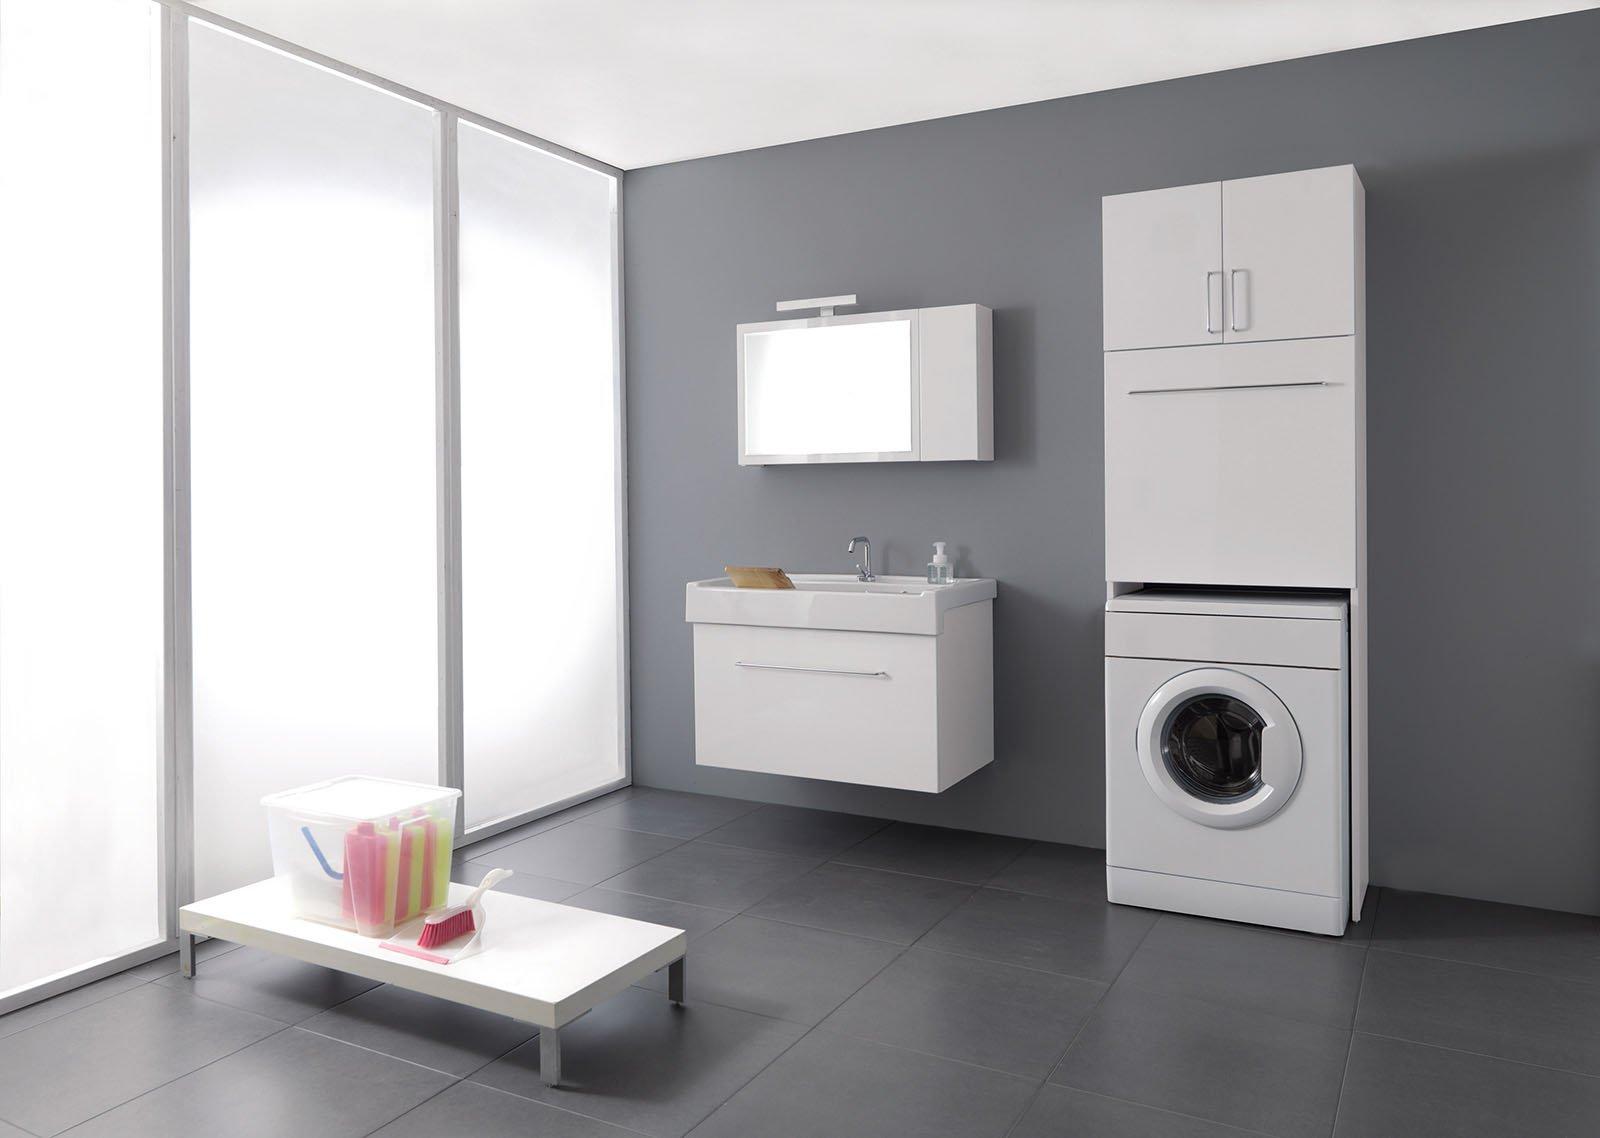 La lavanderia uno spazio per nascondere lavatrice e - Lillangen mobile specchio ...